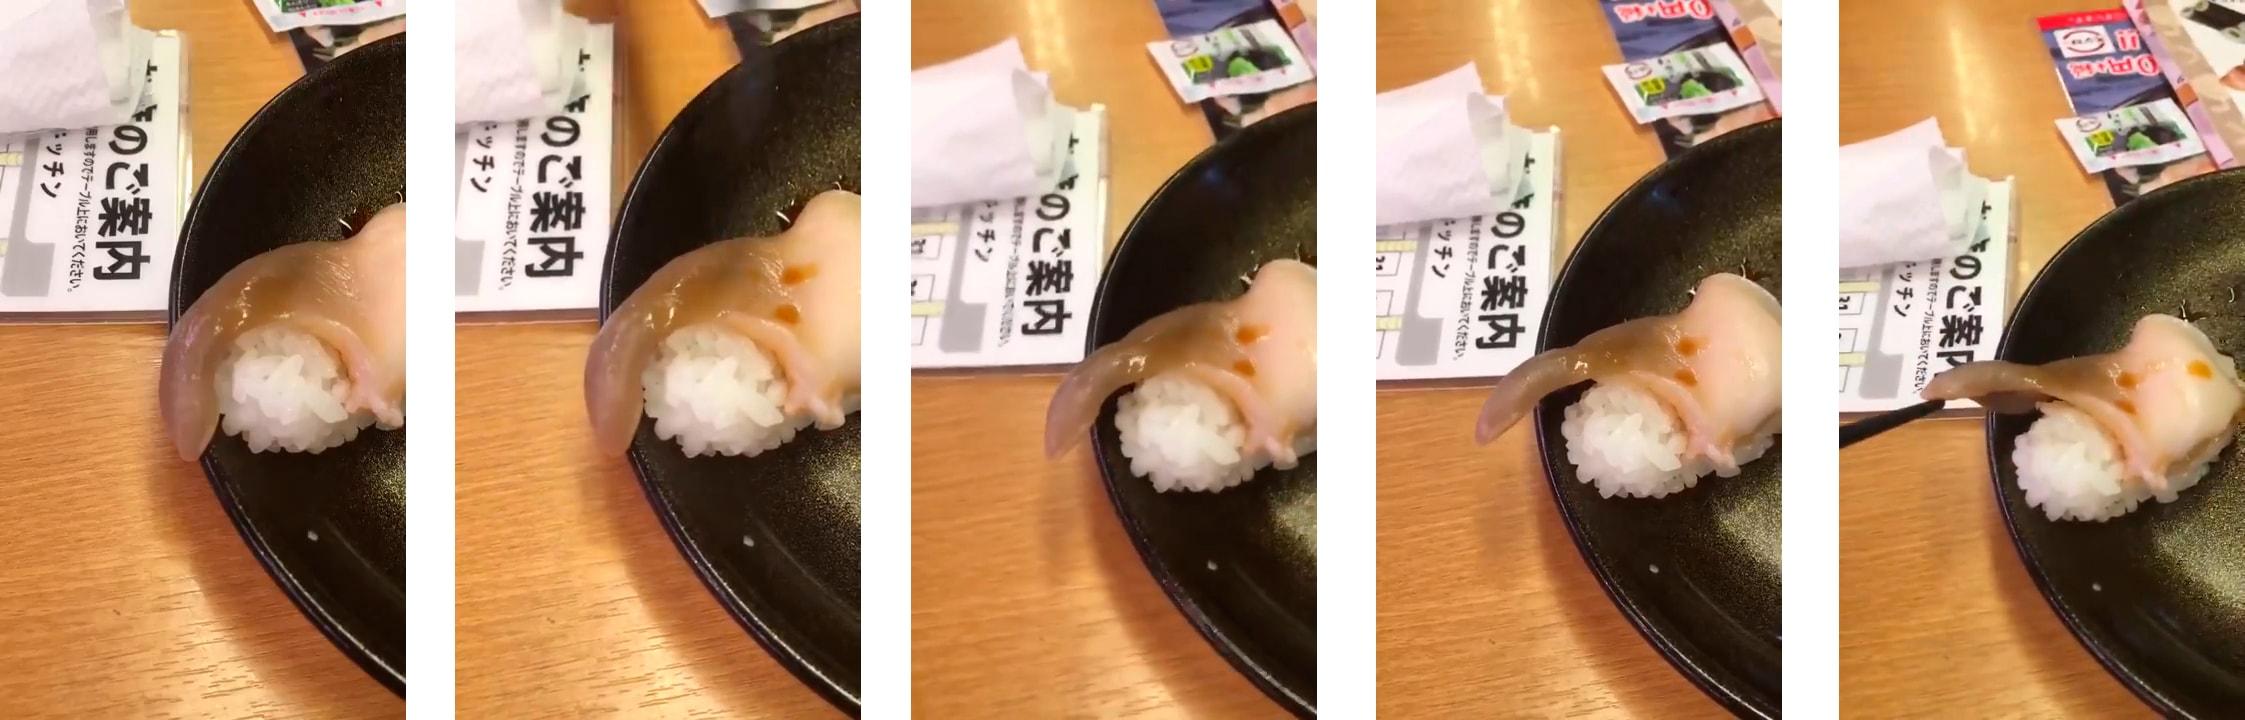 Очень свежие суши зашевелились прямо на тарелке посетителя ресторана в Японии